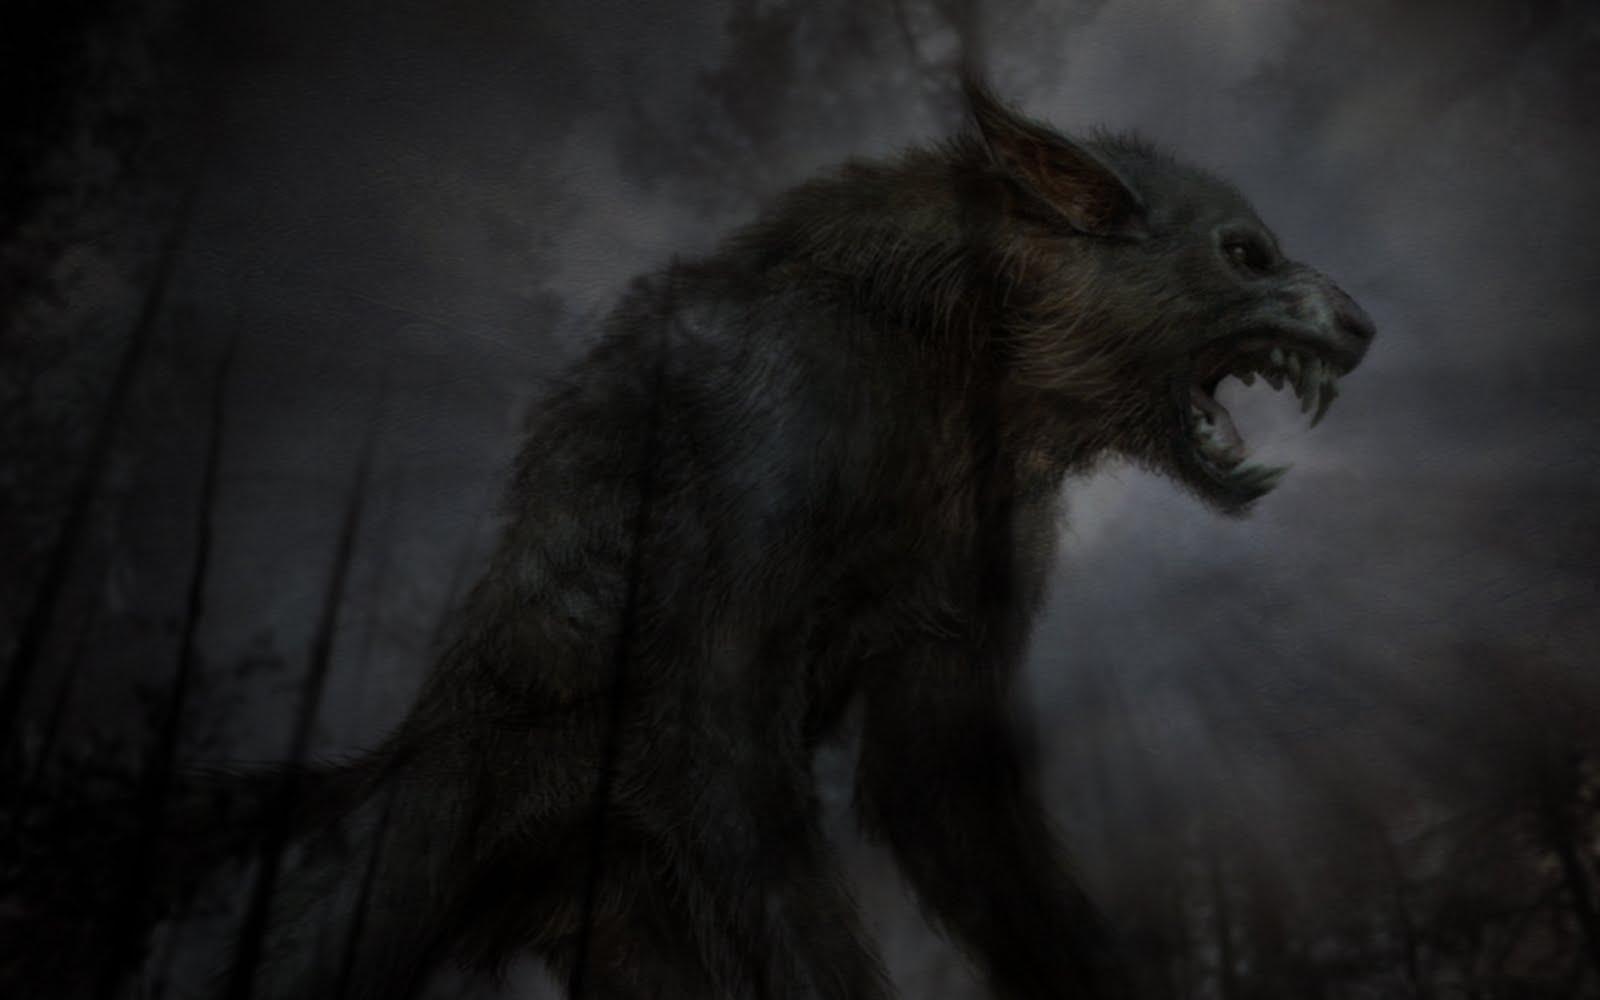 HD: HORROR - WOLF